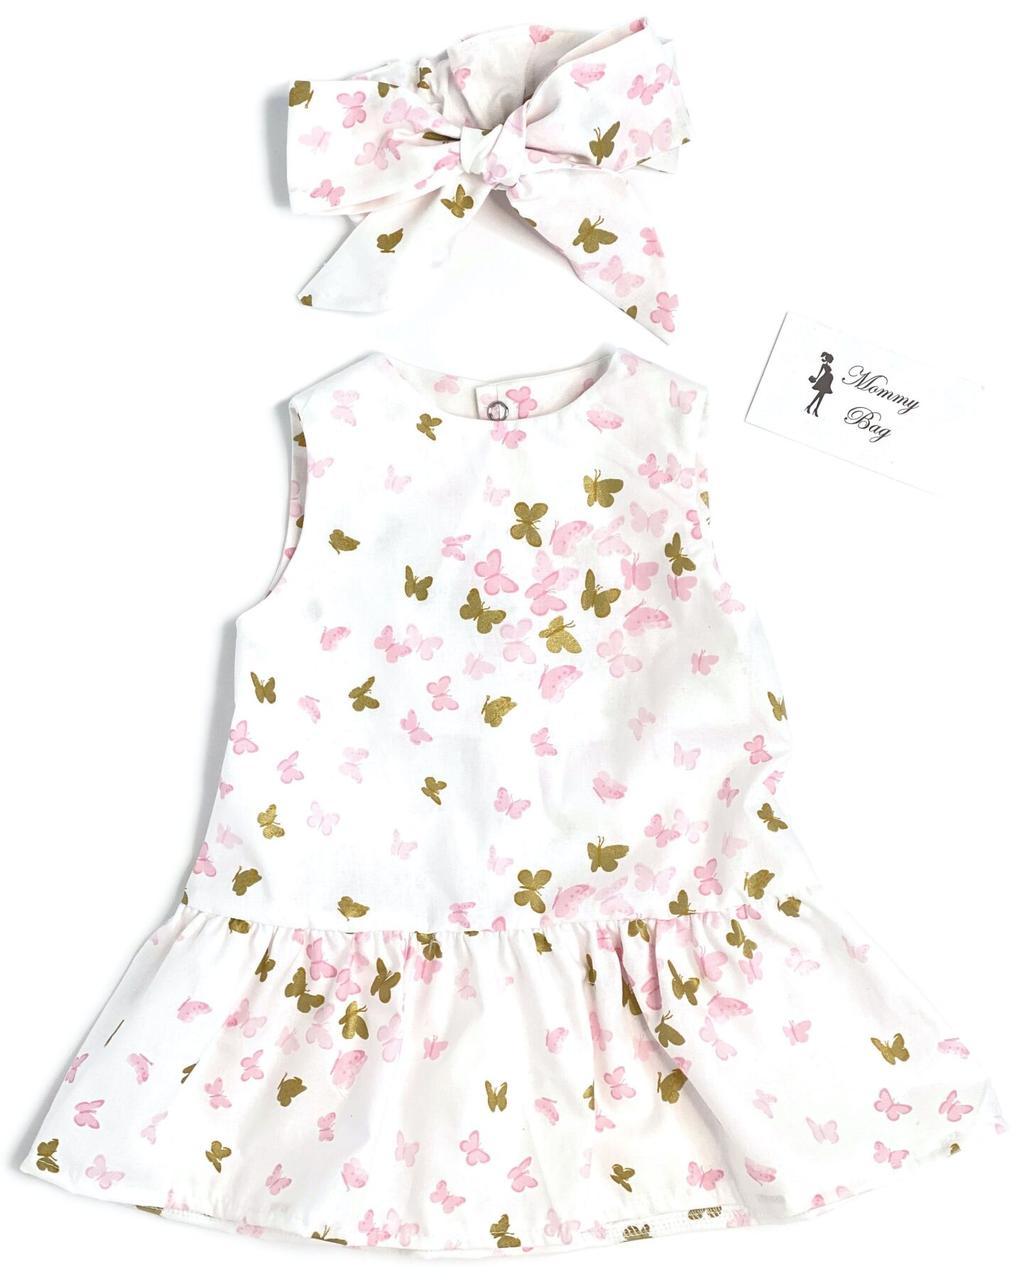 Платье с афробантом RoyalBaby Бабочки золотые р.62, 0-6 мес